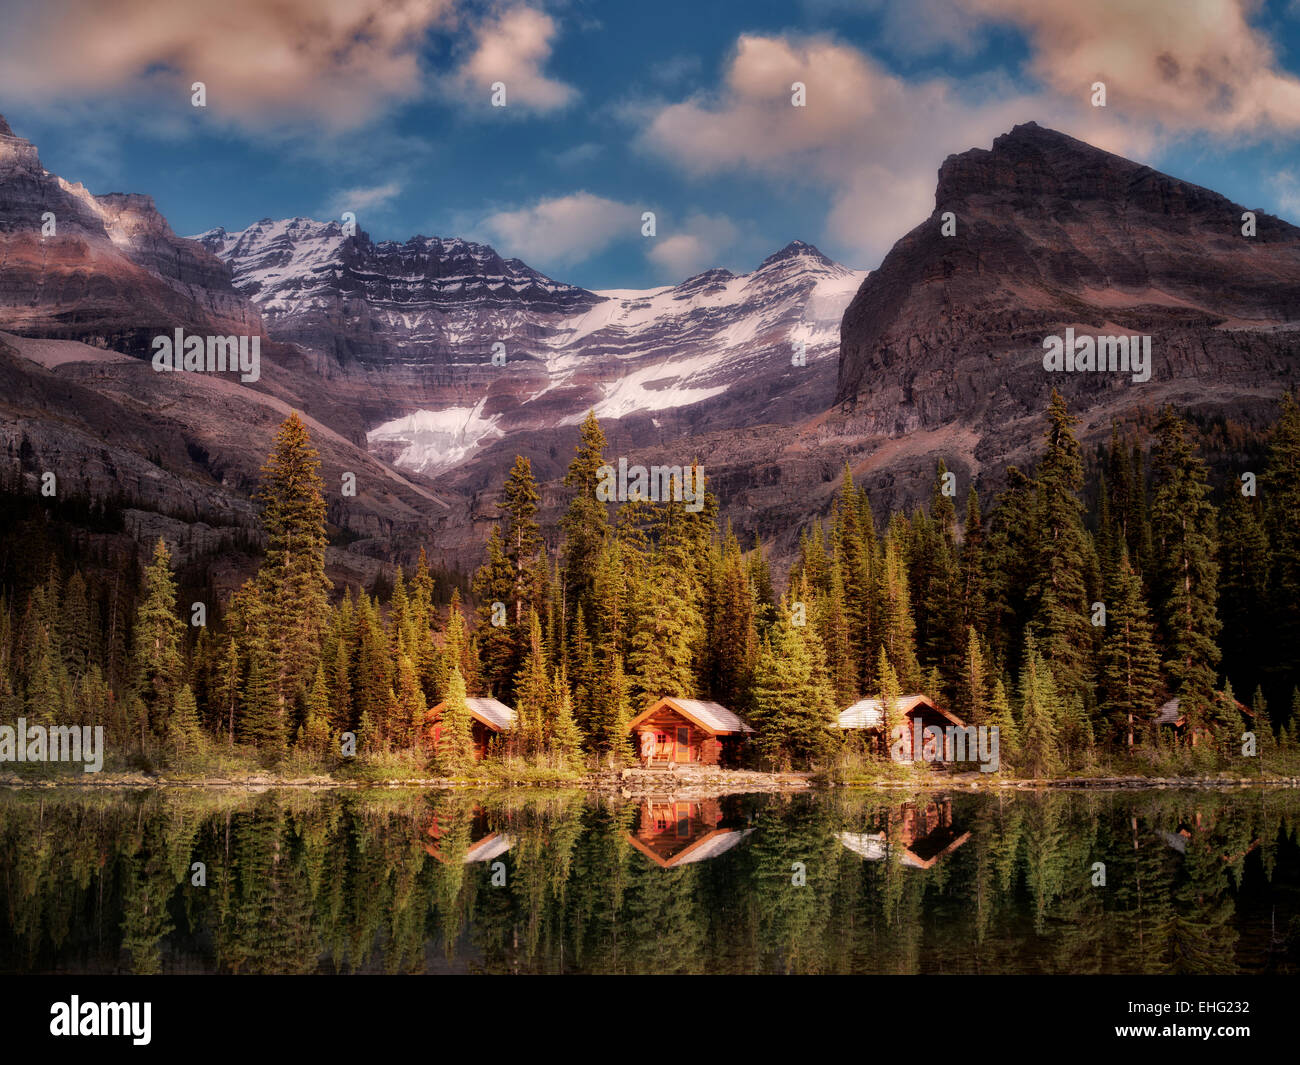 Cabañas en el lago O'Hara. El Parque Nacional Yoho, meseta Opabin, British Columbia, Canadá Imagen De Stock